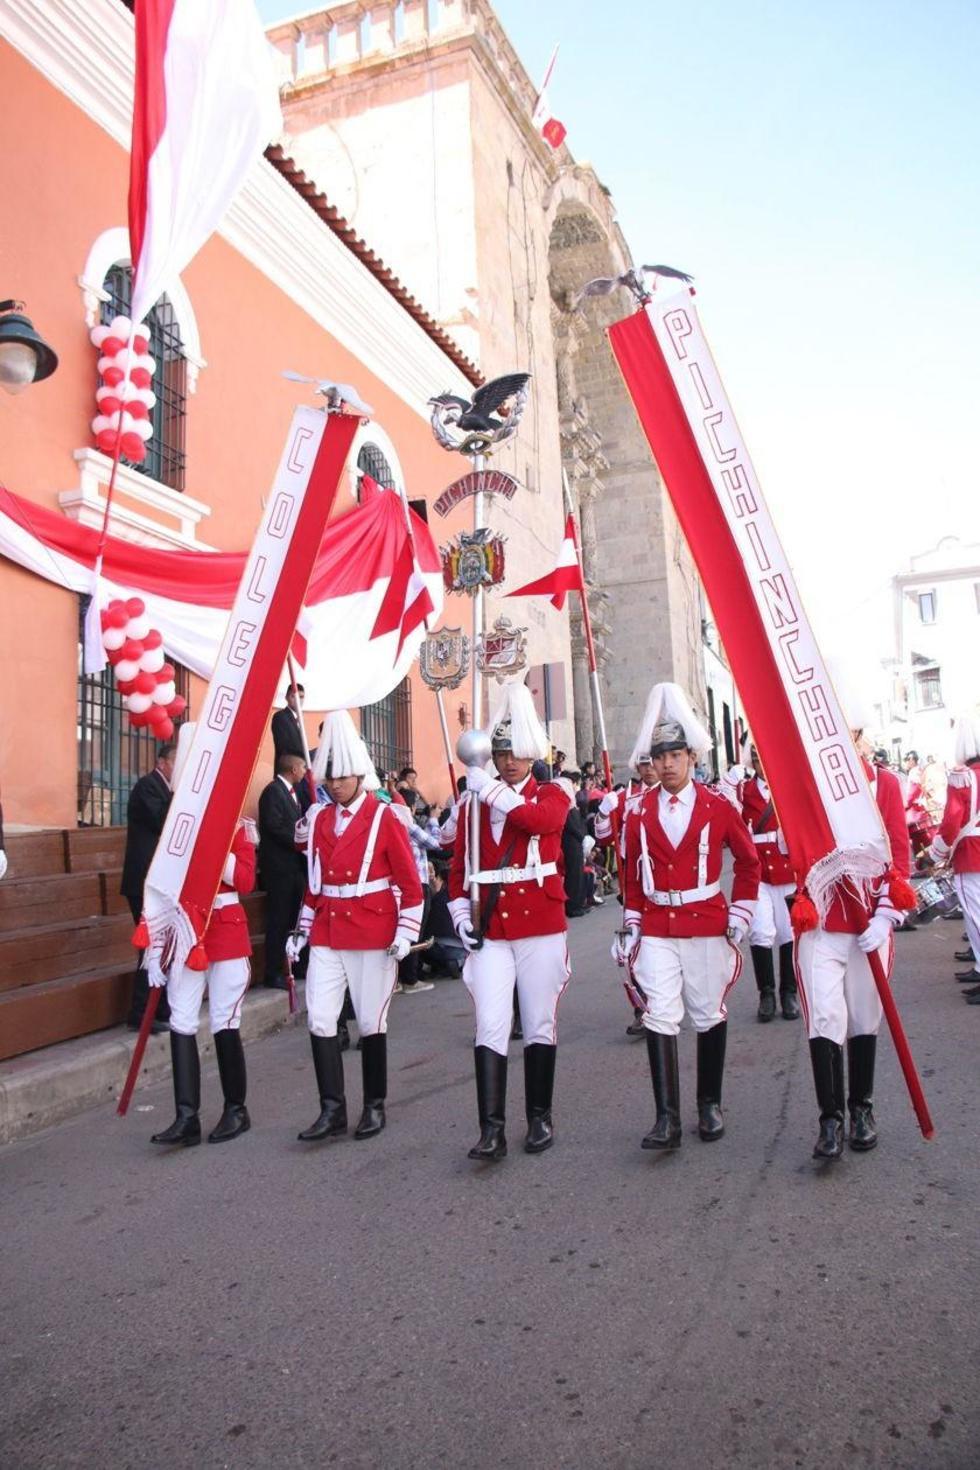 El desfile en el frontis del establecimiento.